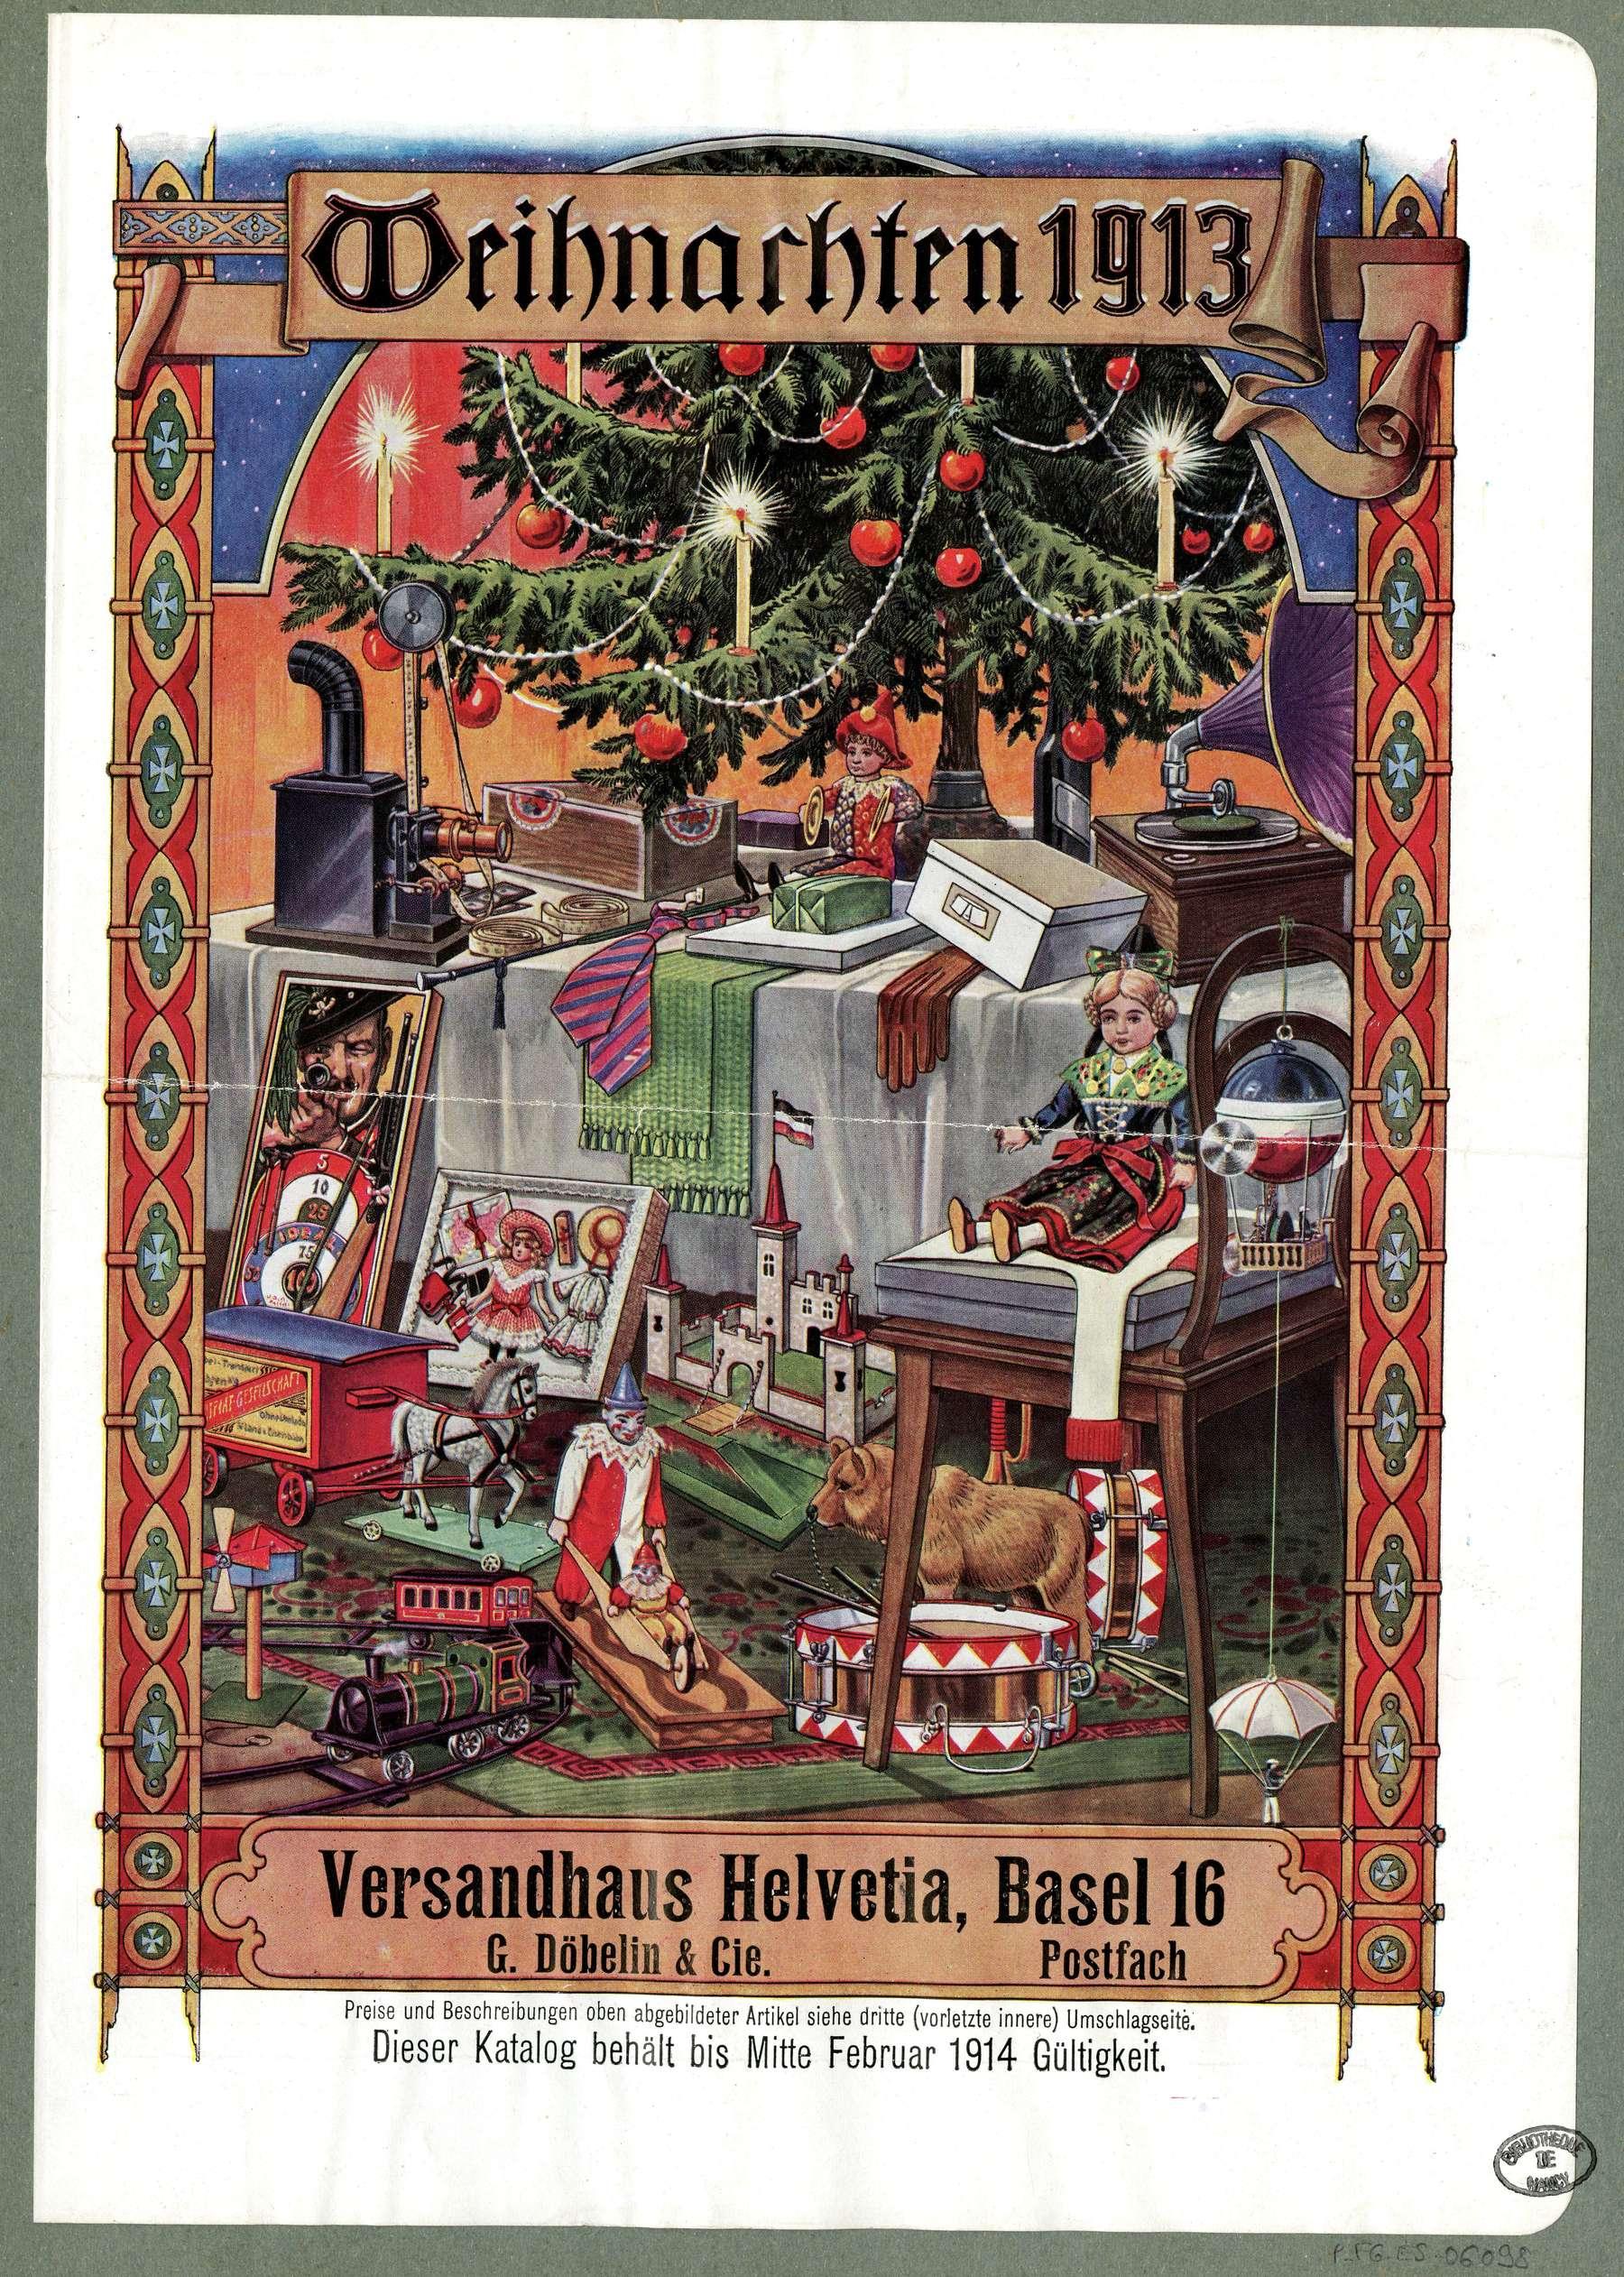 Contenu du Weinachten 1913